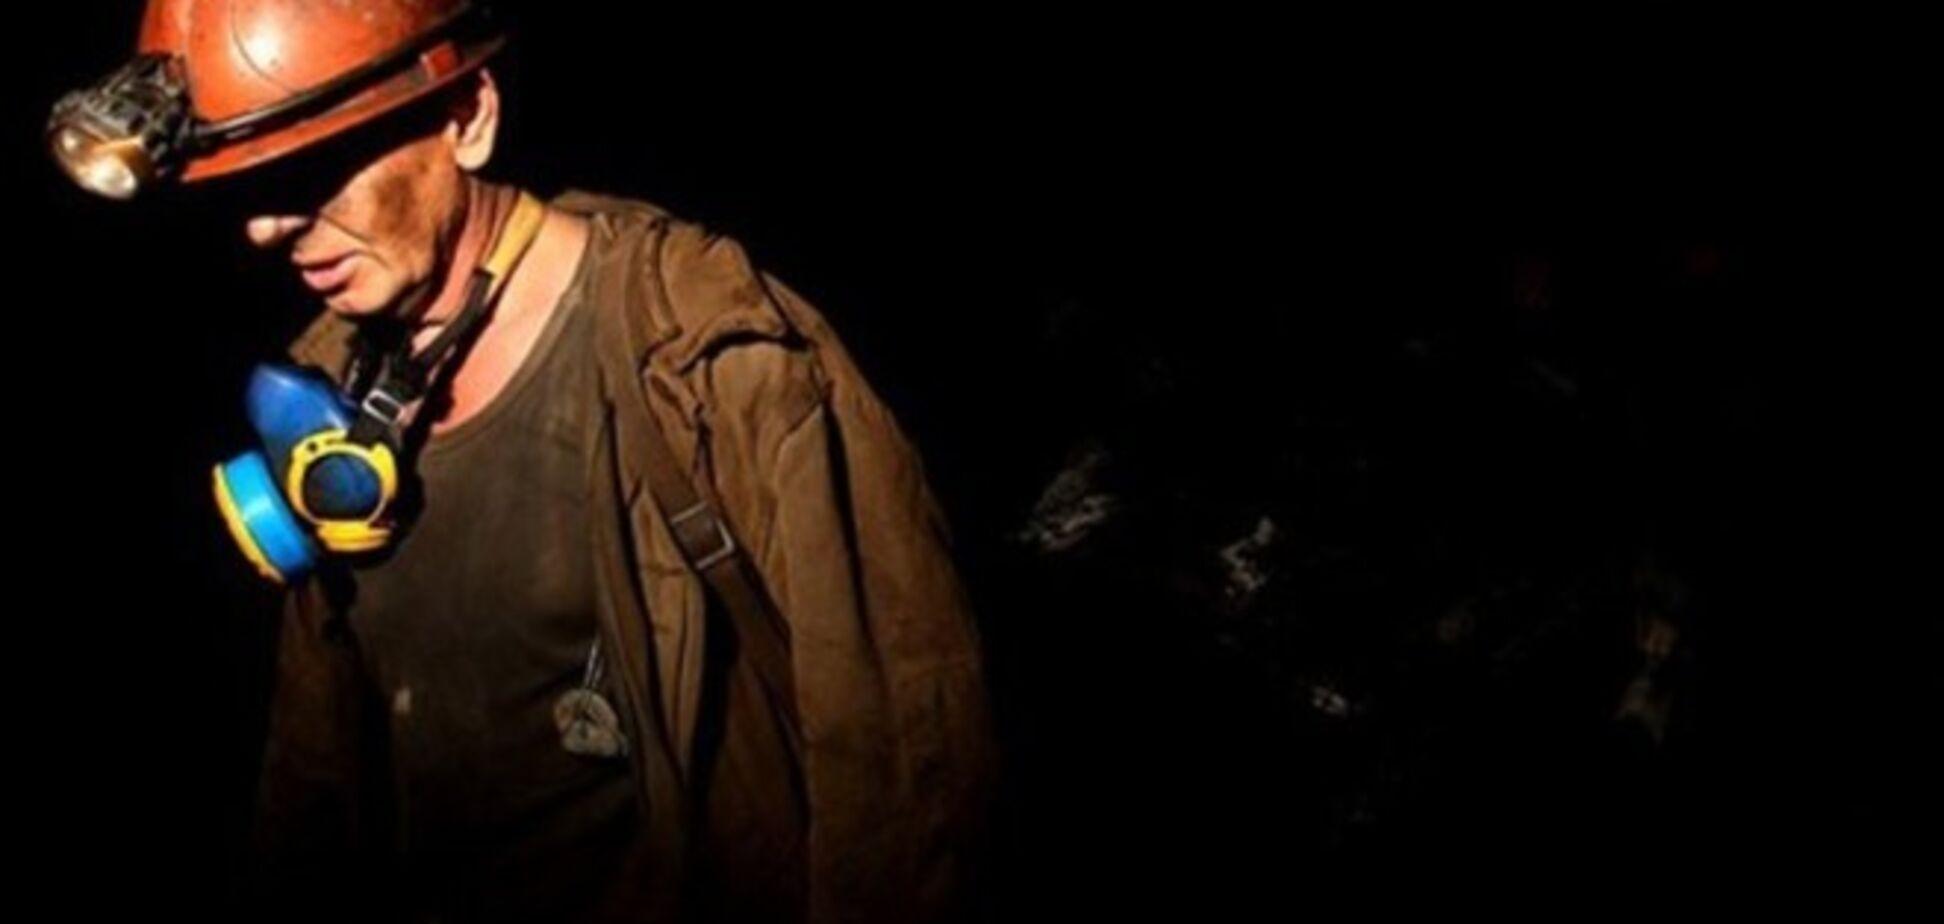 Взрыв в шахте на Донетчине: погибли все девять шахтеров